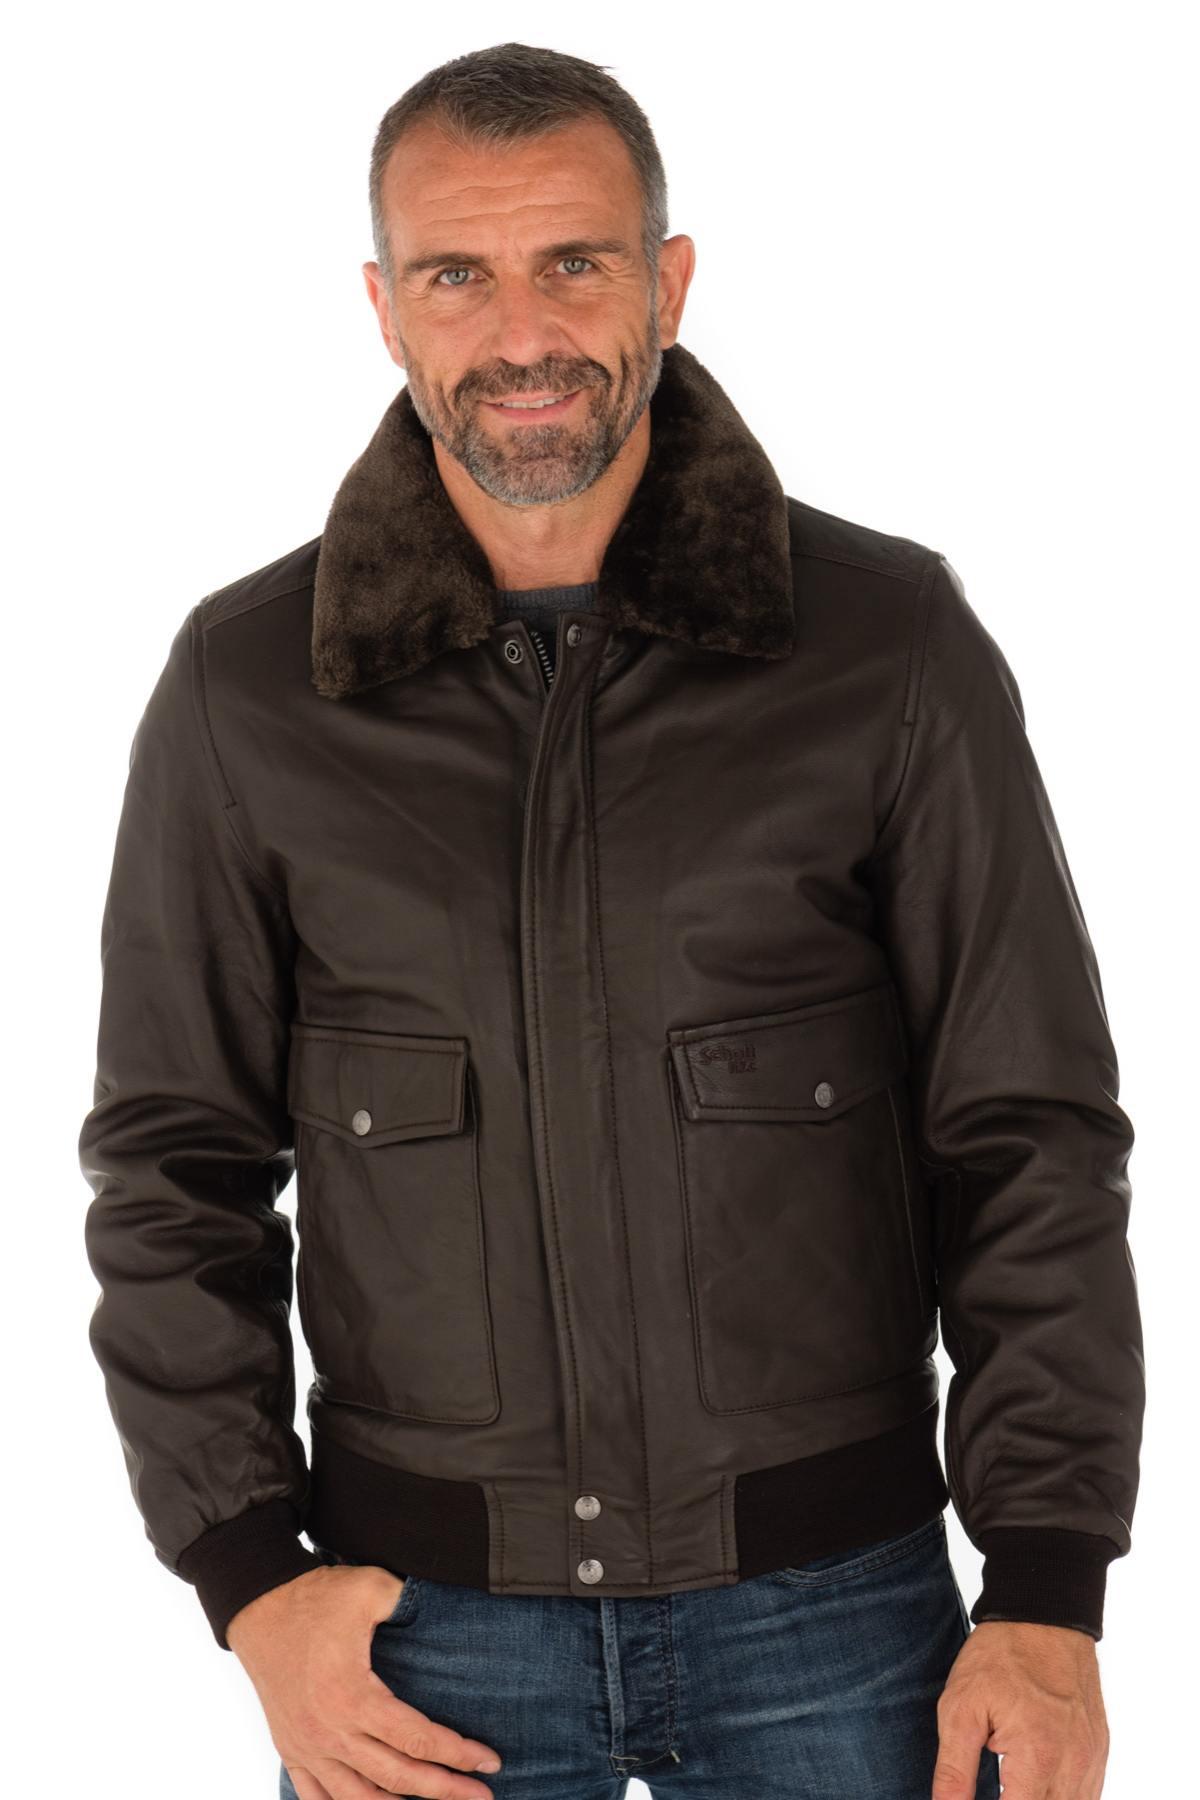 Blouson aviateur en cuir SCHOTT LCTOPGUN - Marron (cuir-city.com)